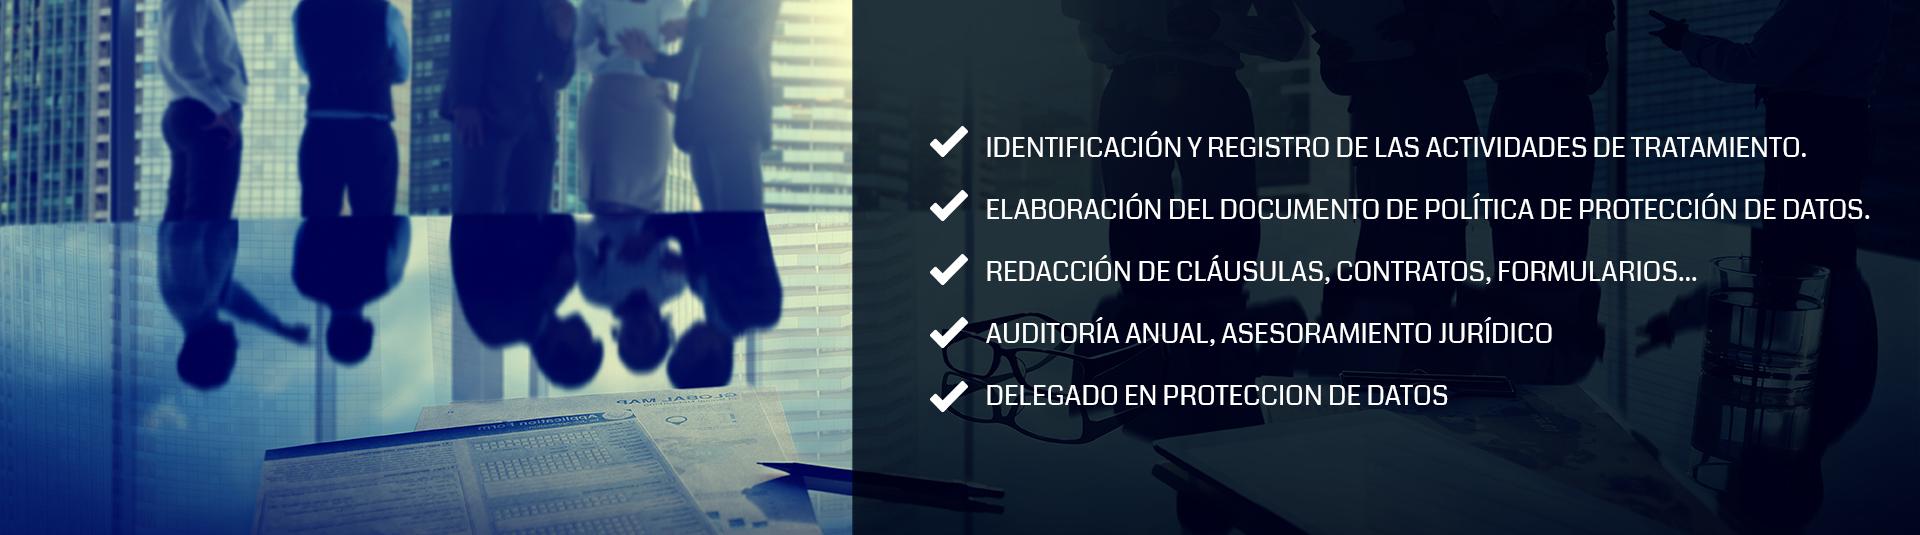 Audidat protección de datos